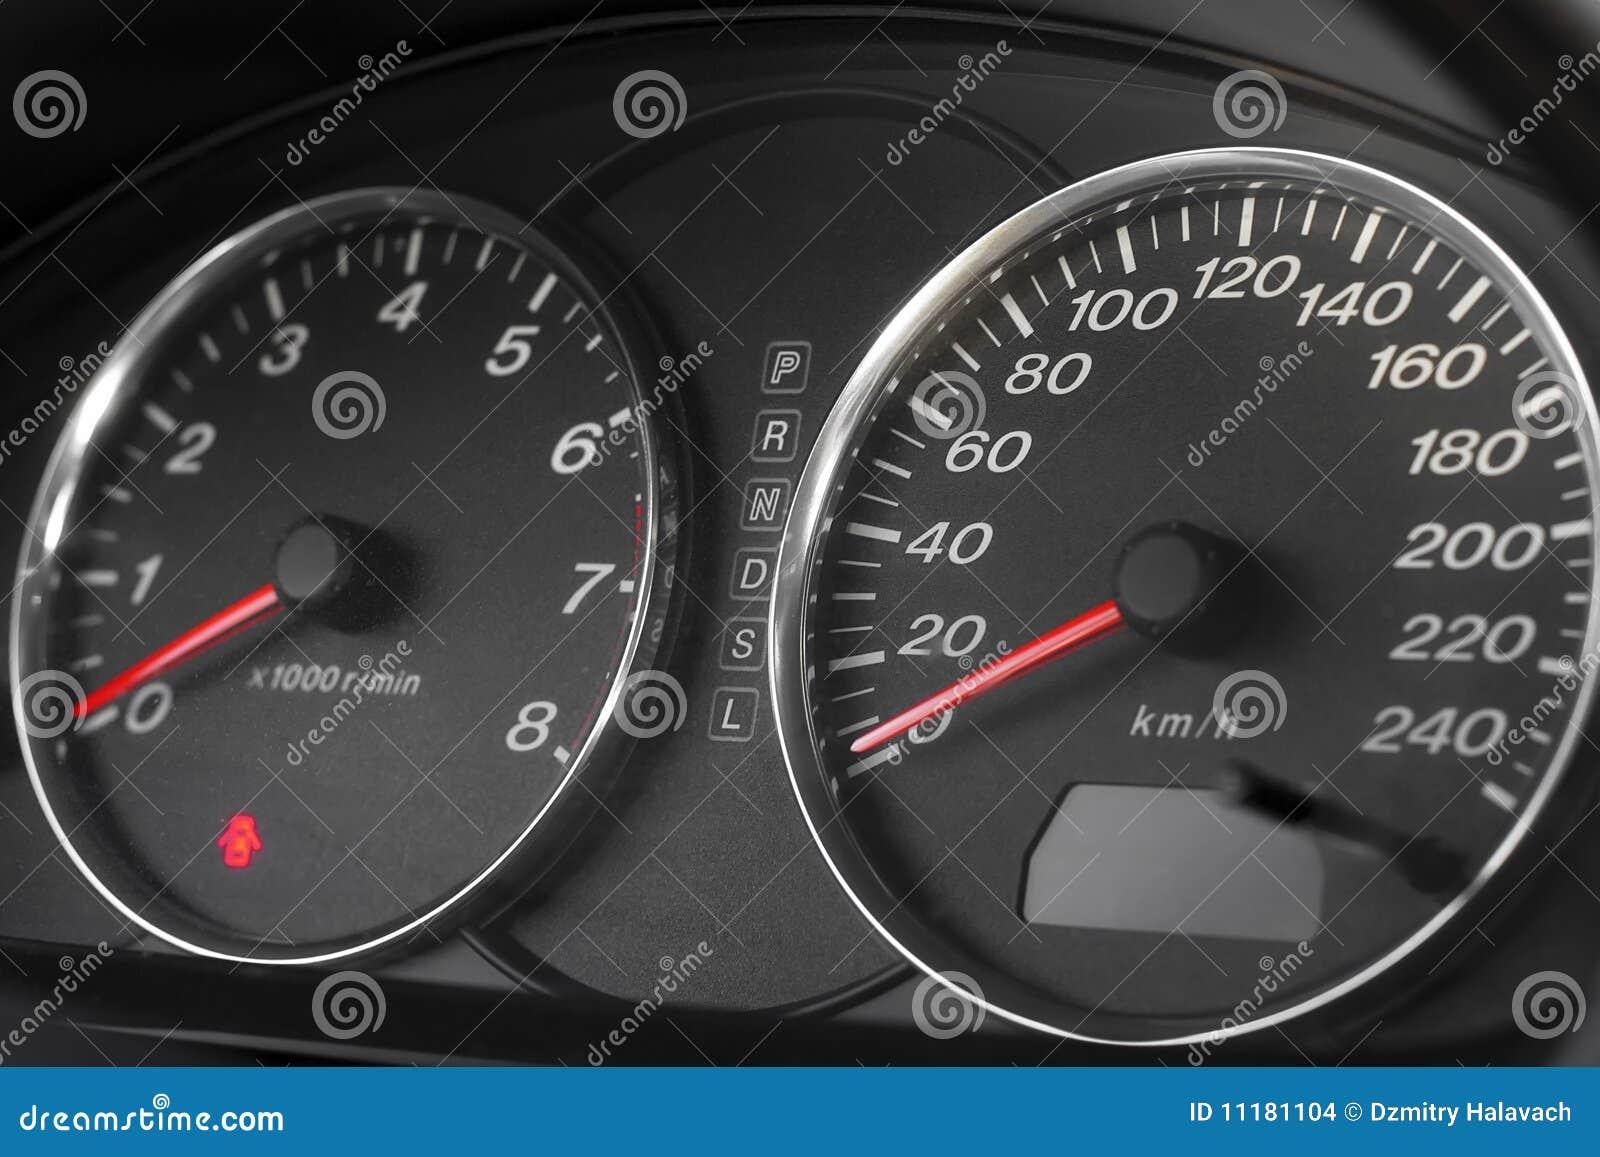 Automobile speedometer